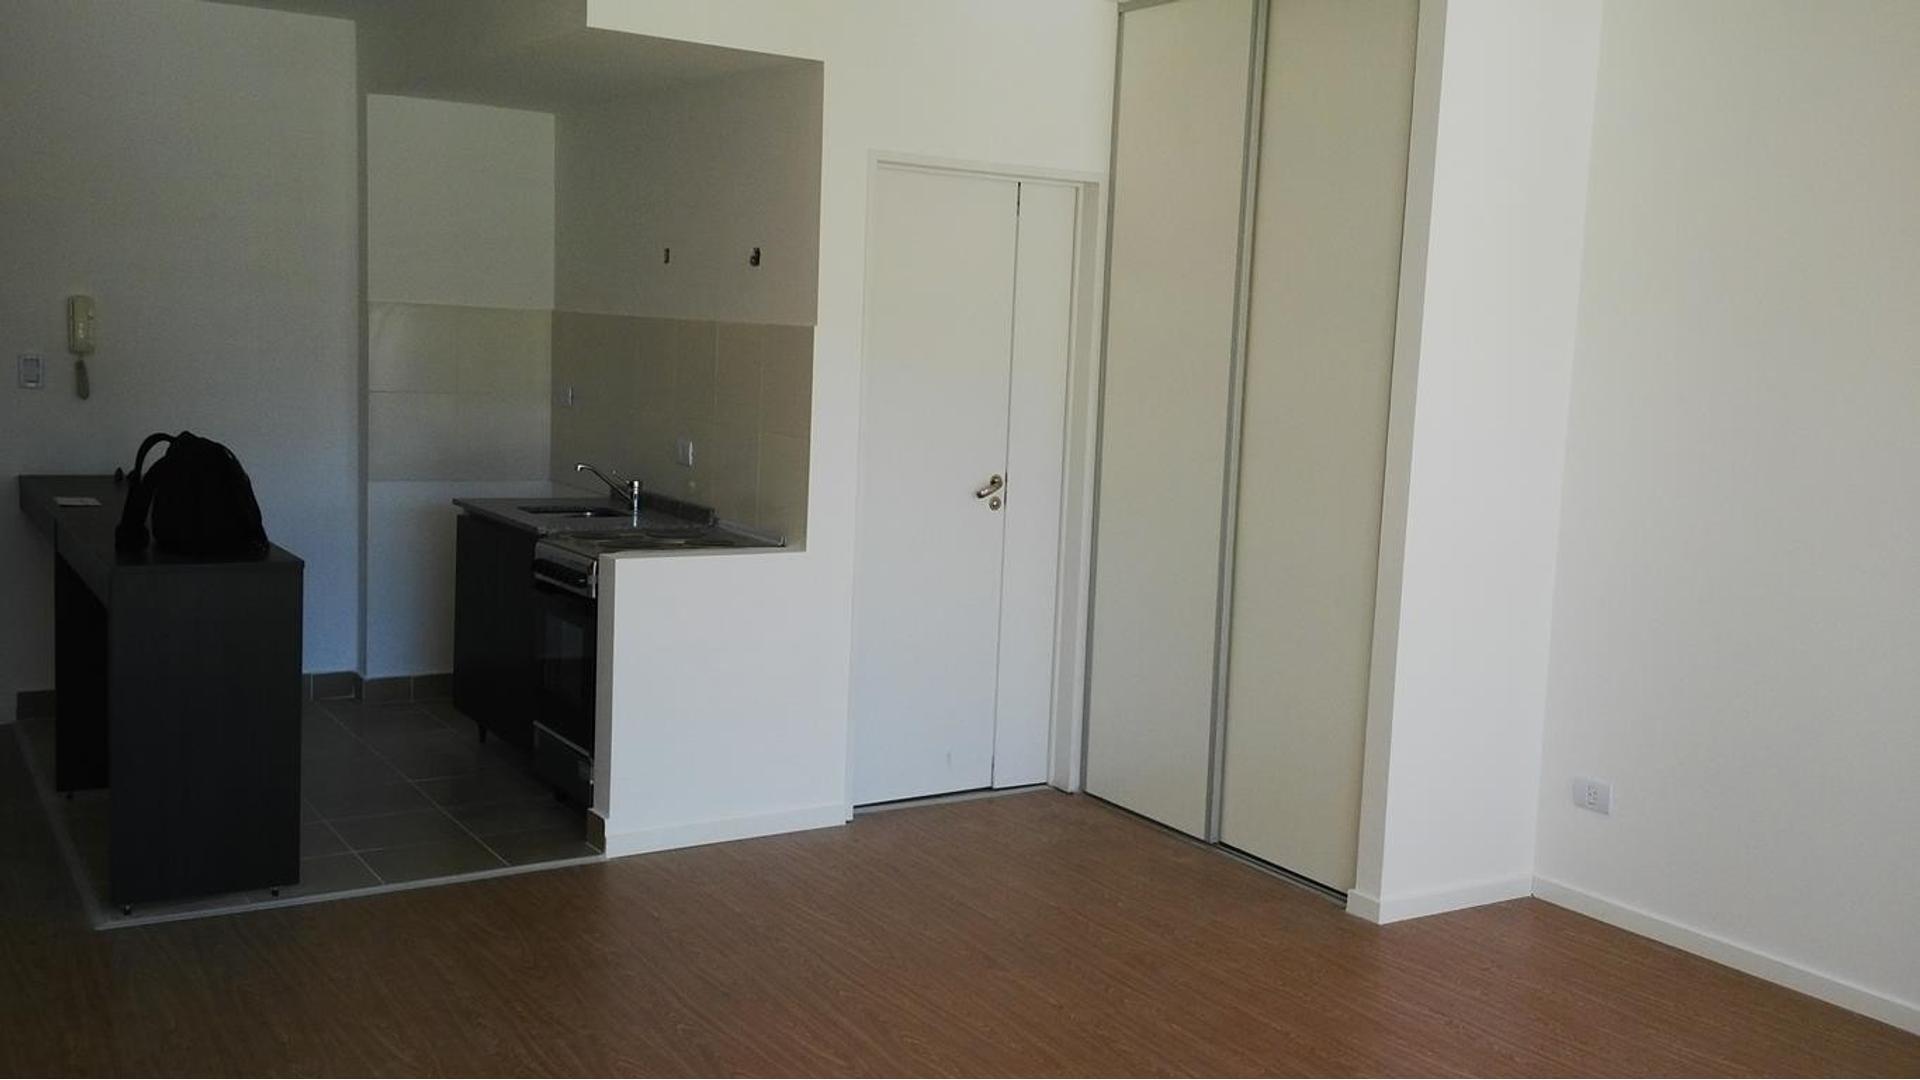 Monoambiente en Villa Urquiza. Condominio americano, todos los amenities